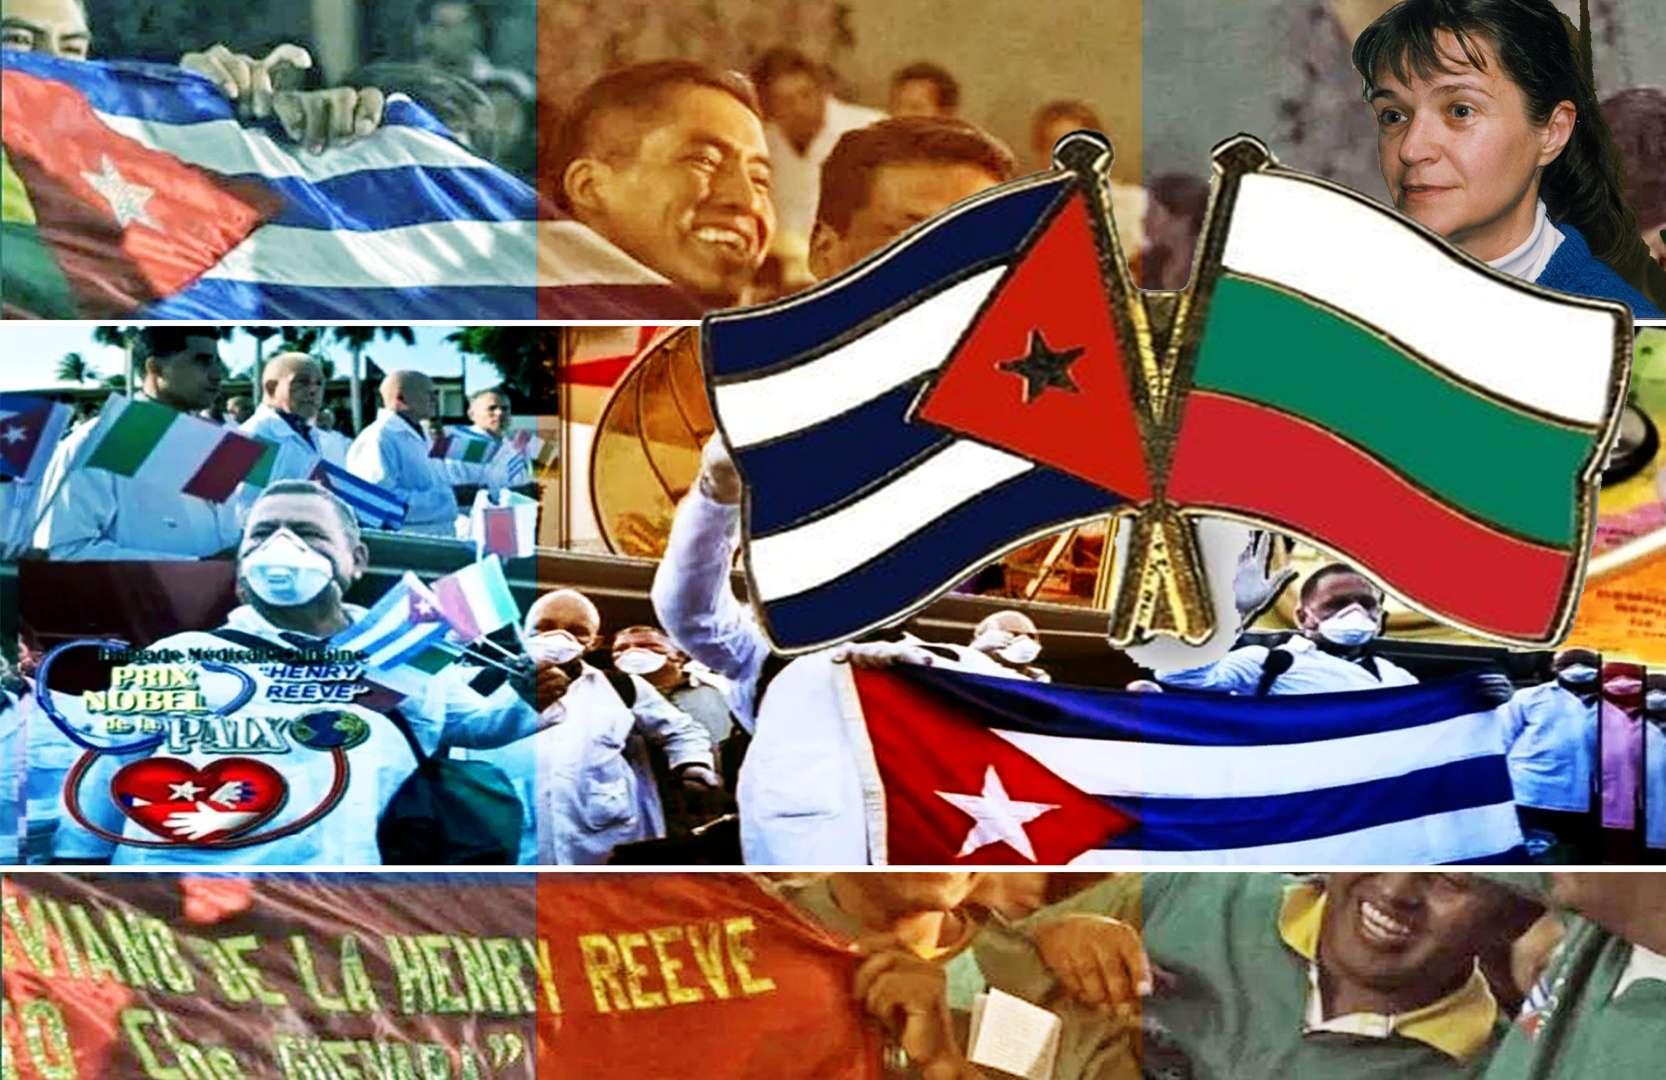 πρωτοβουλία απονομής βραβείου Νόμπελ Ειρήνης στους Γιατρούς της Κούβας